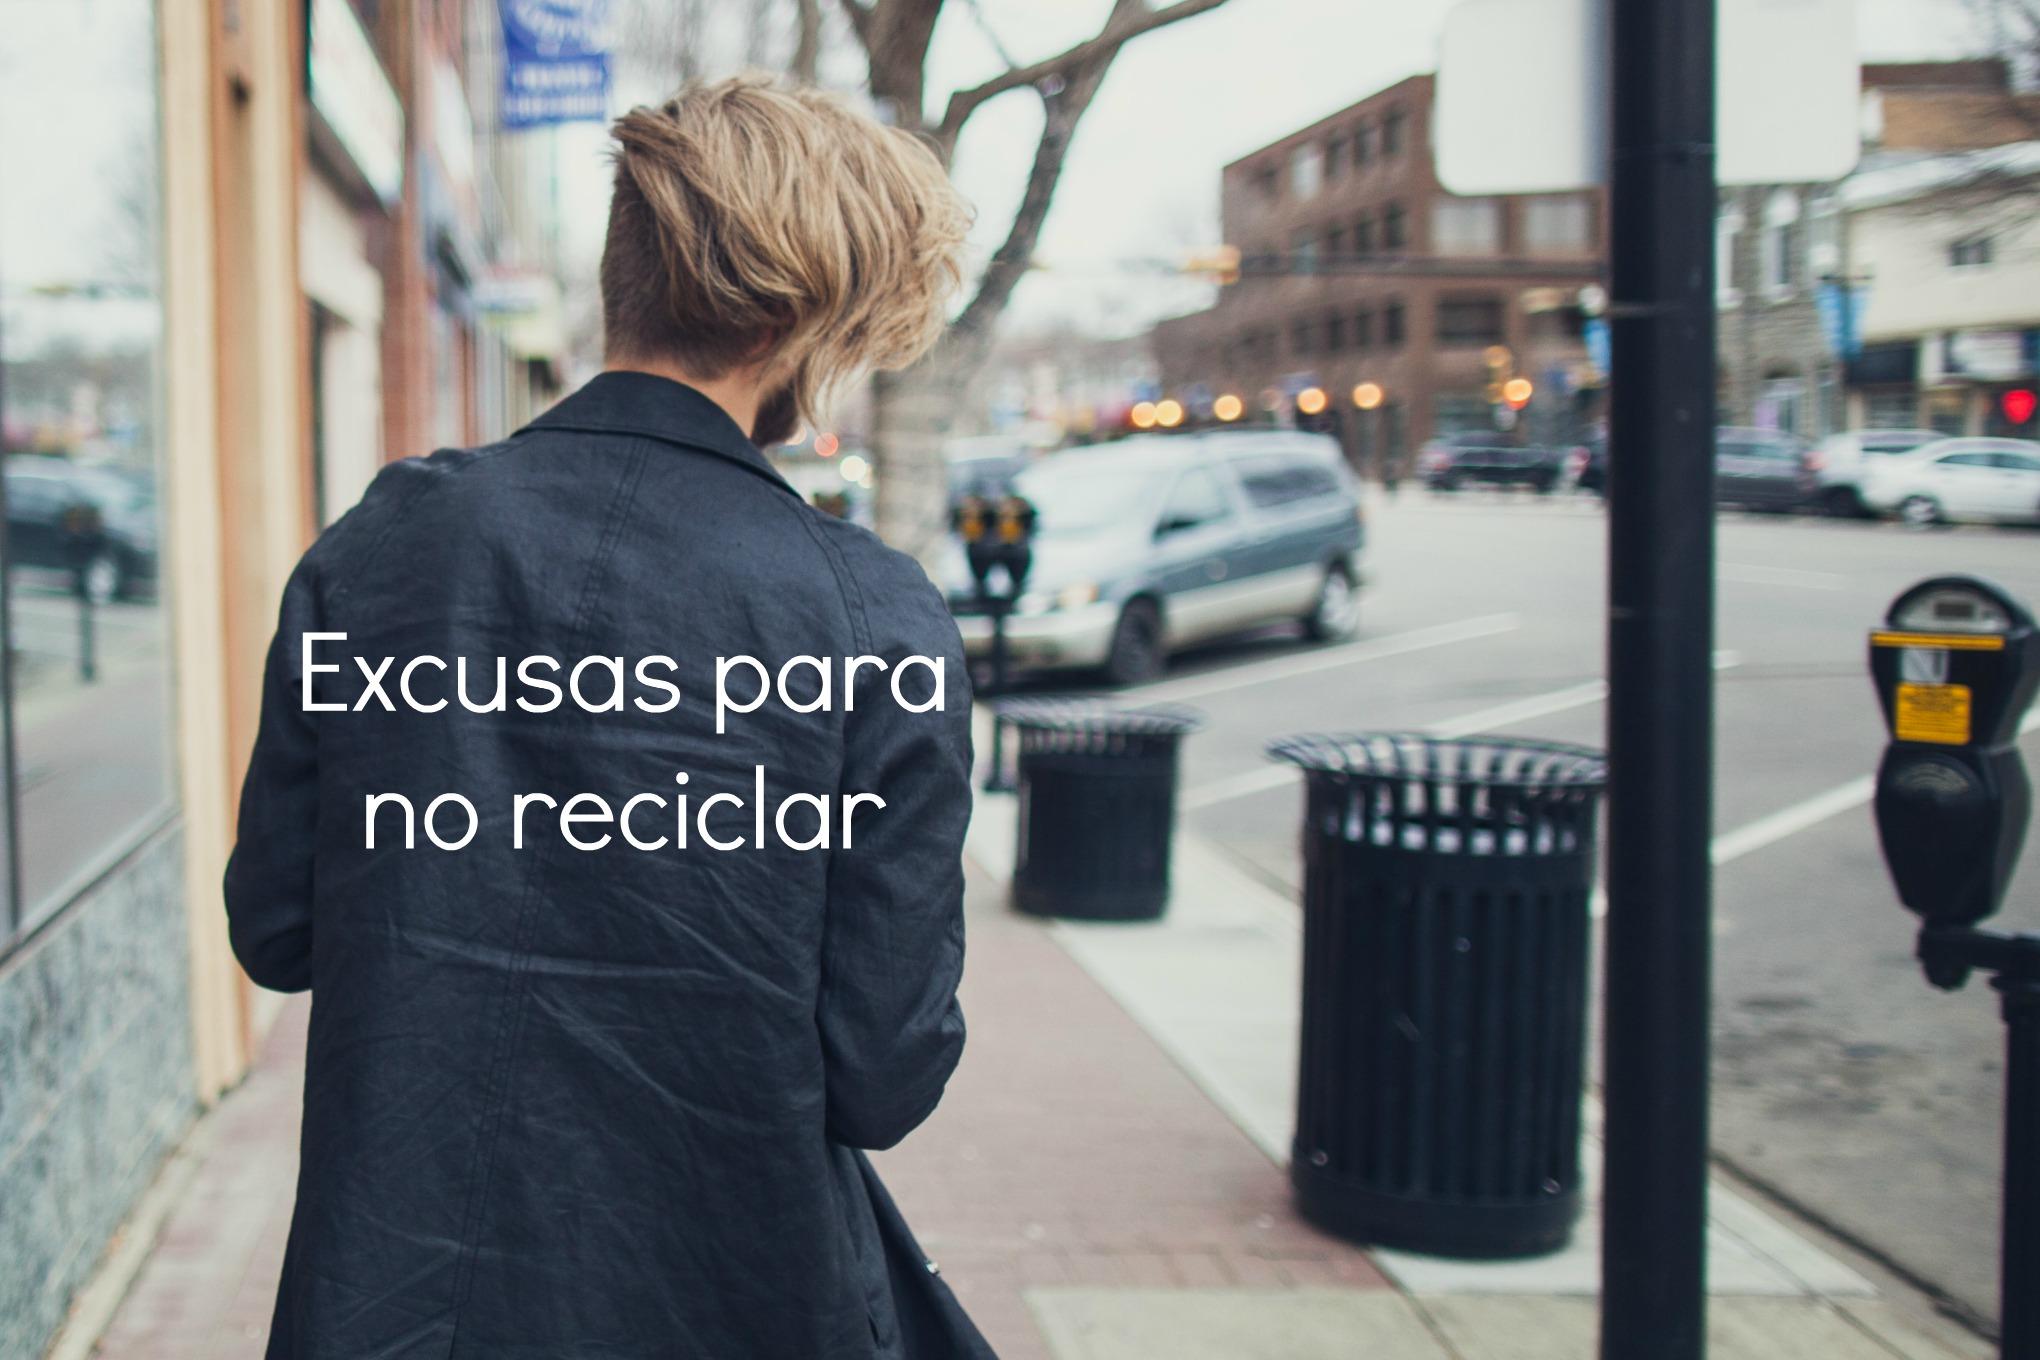 excusas-para-no-reciclar